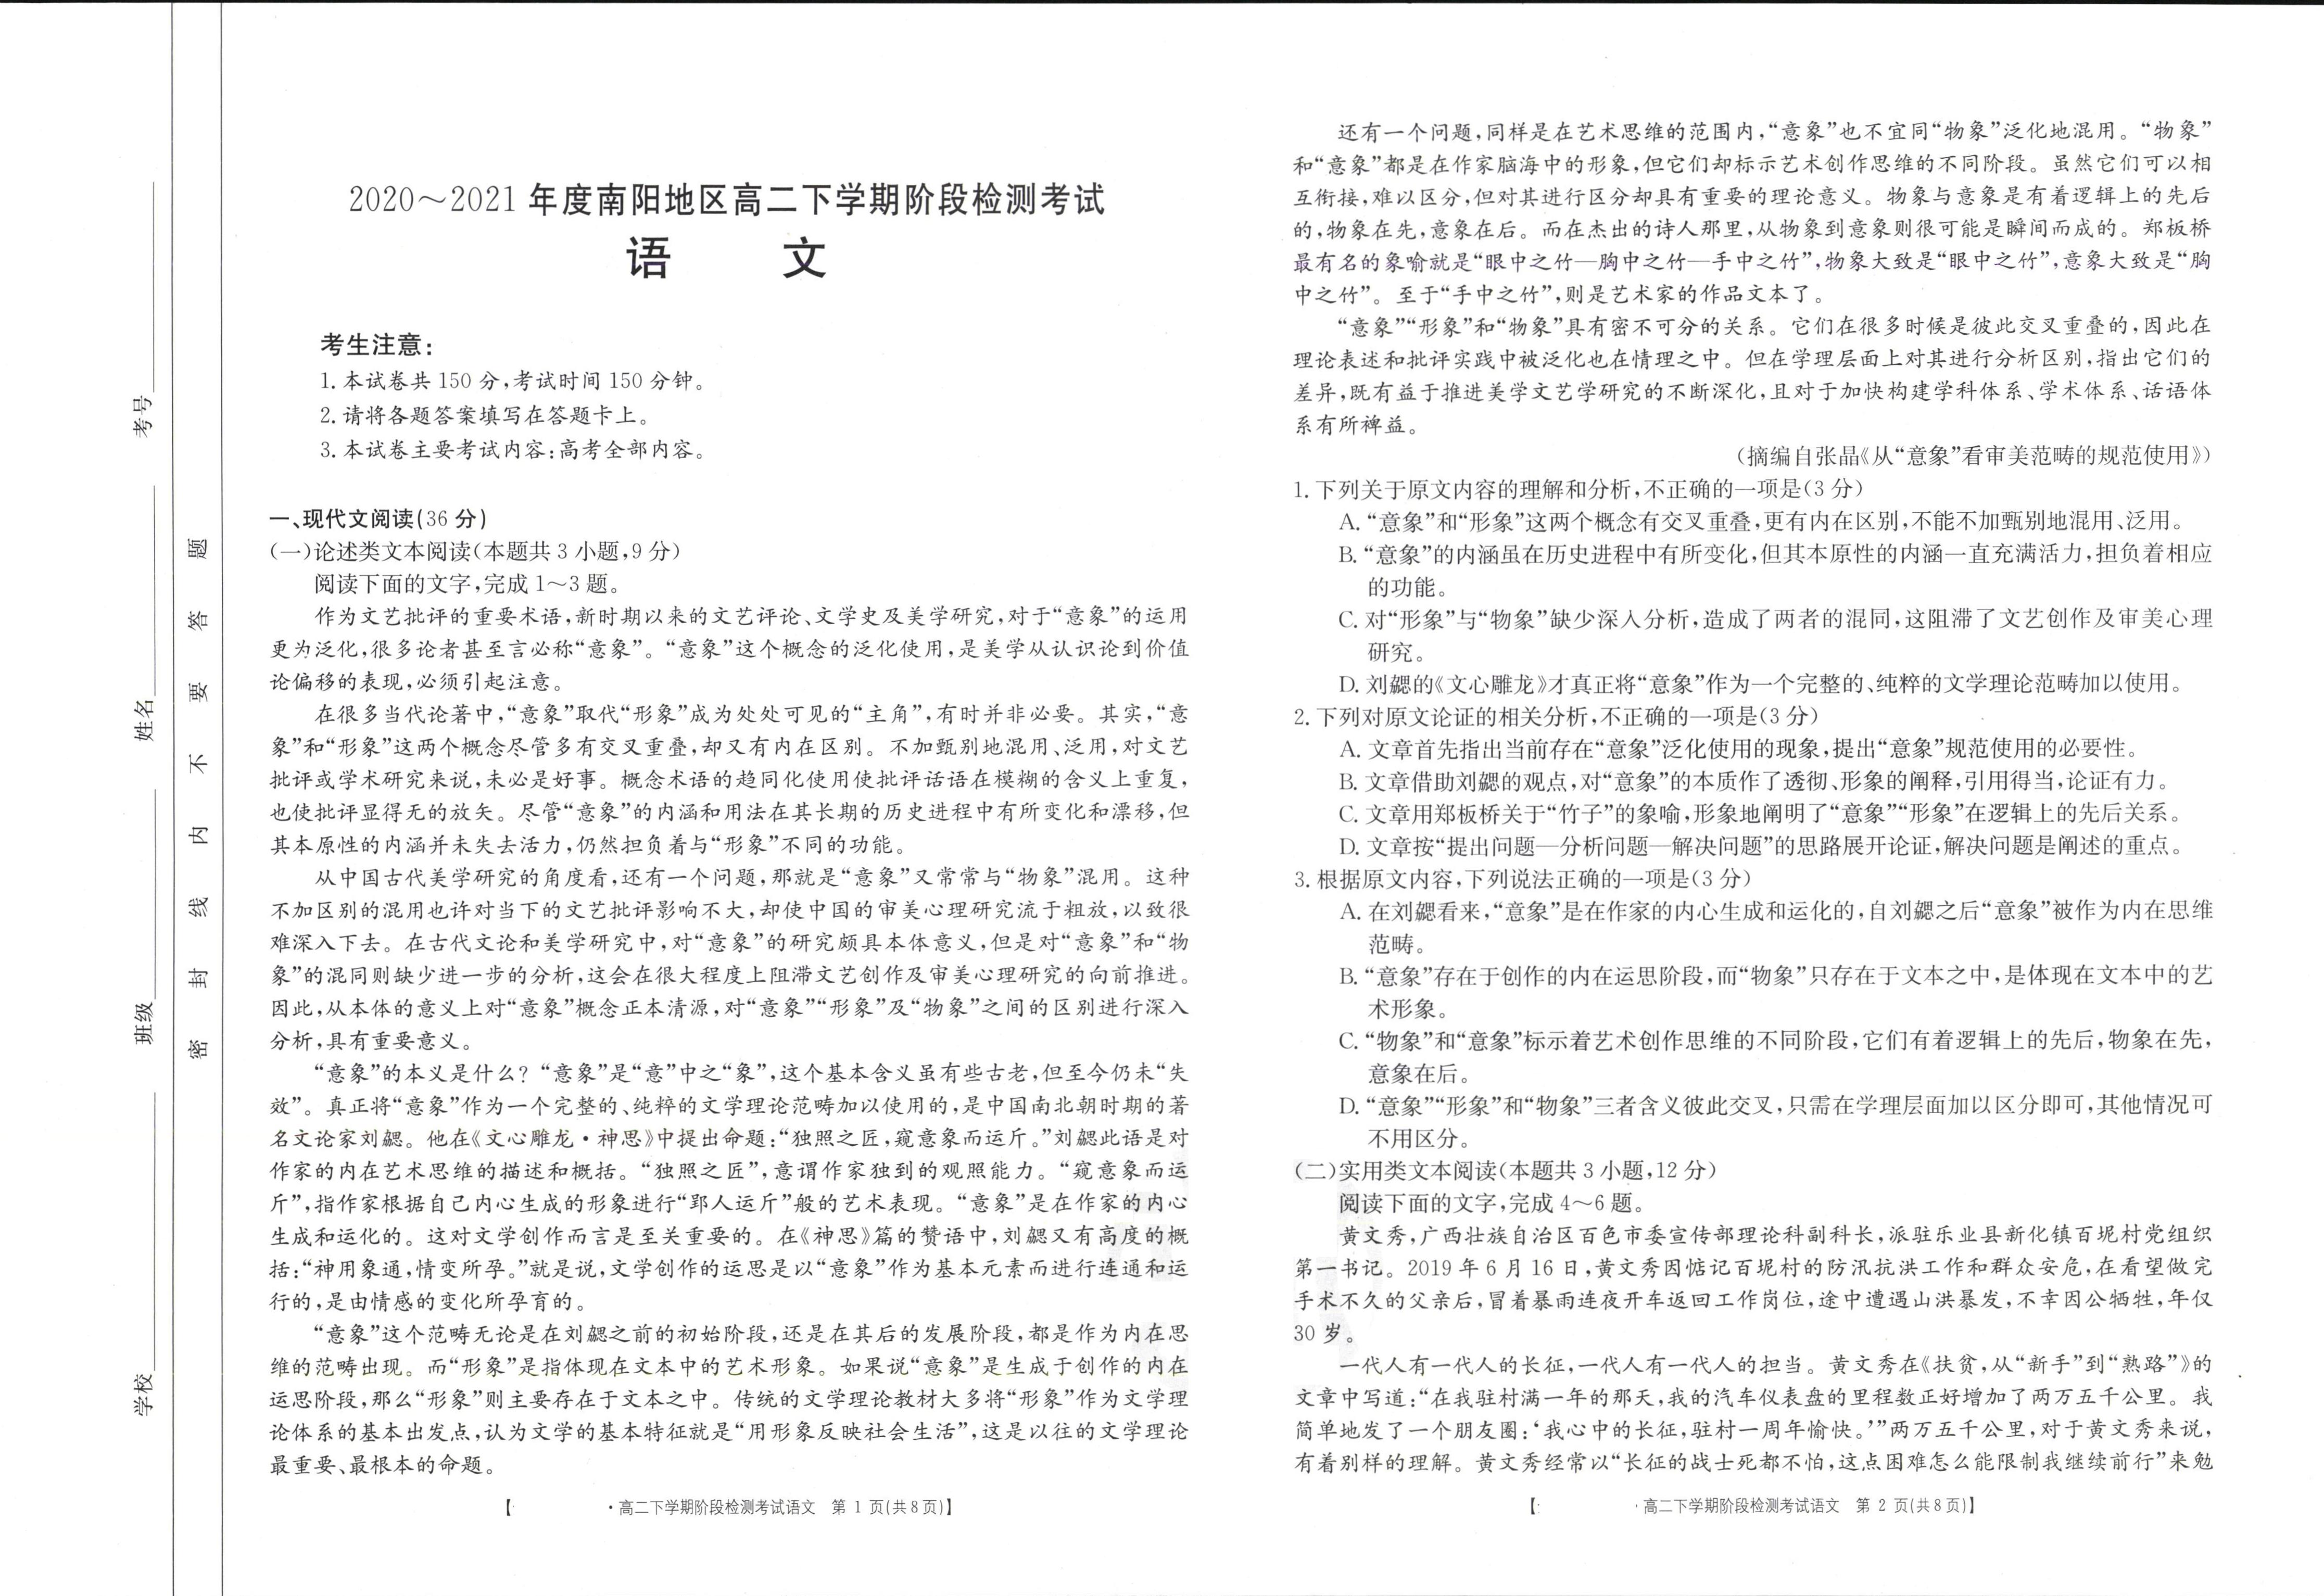 河南省五市2020-2021学年高二下学期第三次联考(6月)语文试题 Word版含答案